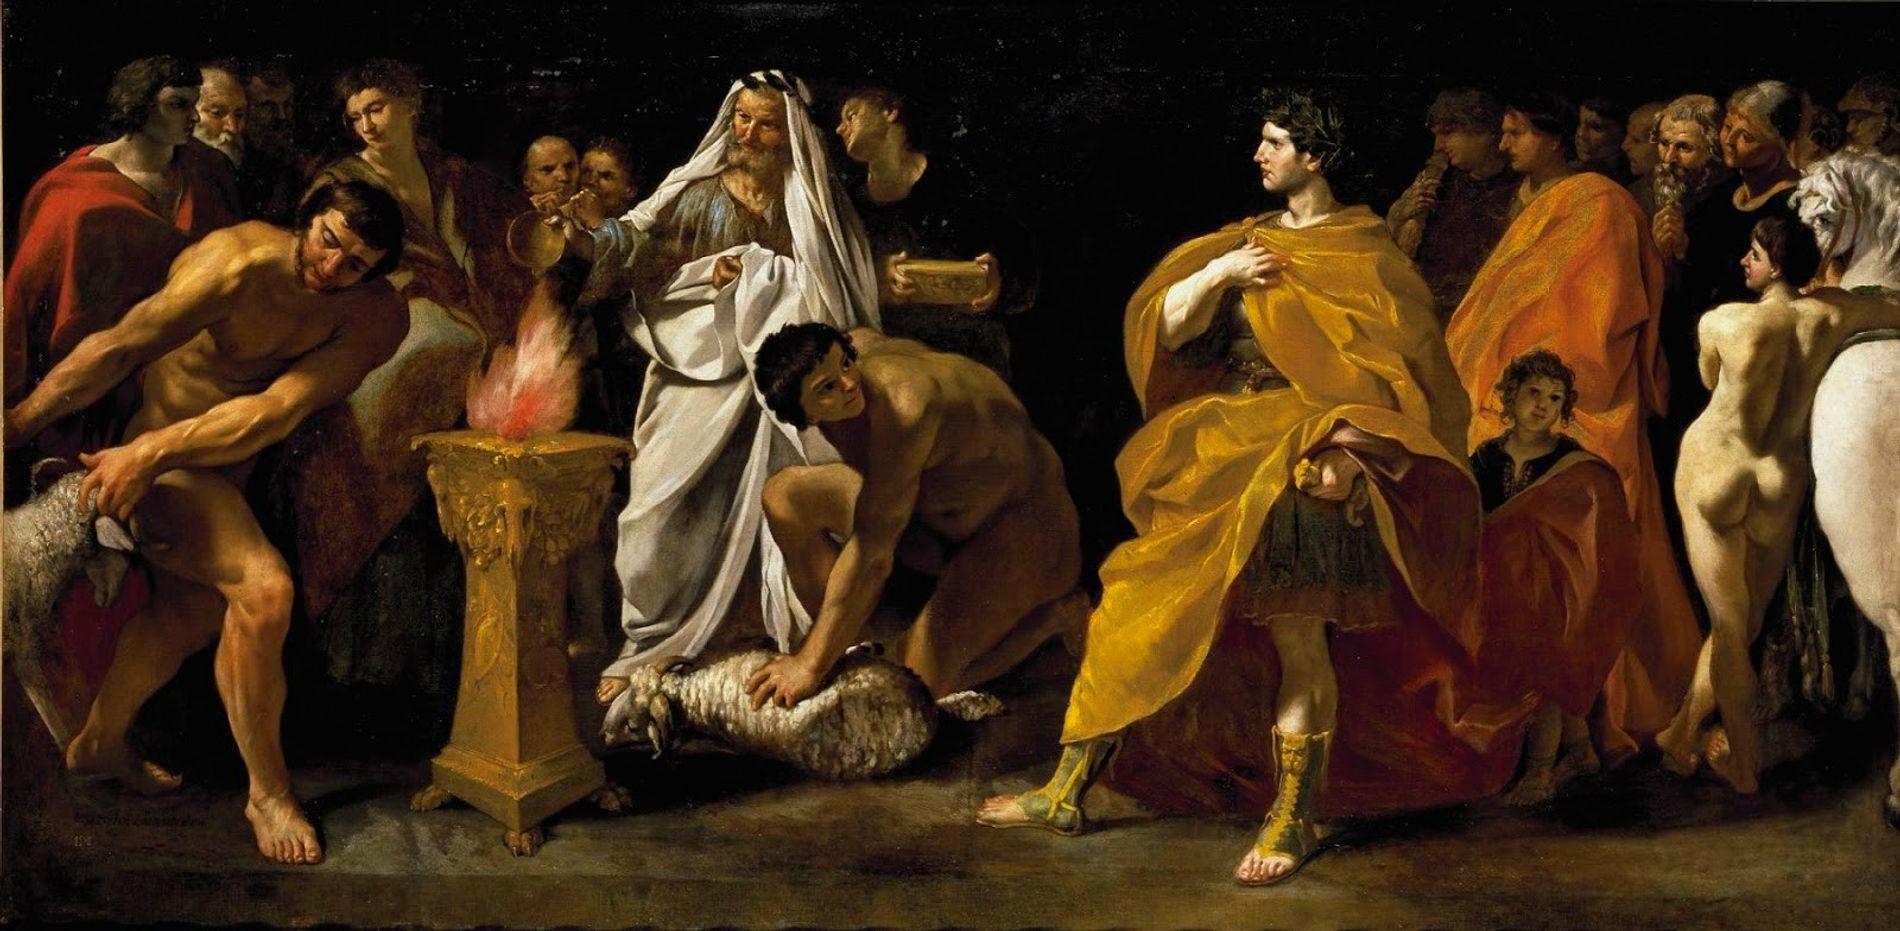 Cette peinture de Giovanni di Stefano Lanfranco représente une scène de sacrifice devant un empereur. Un prêtre verse une libation sur l'autel. Vers 1635.